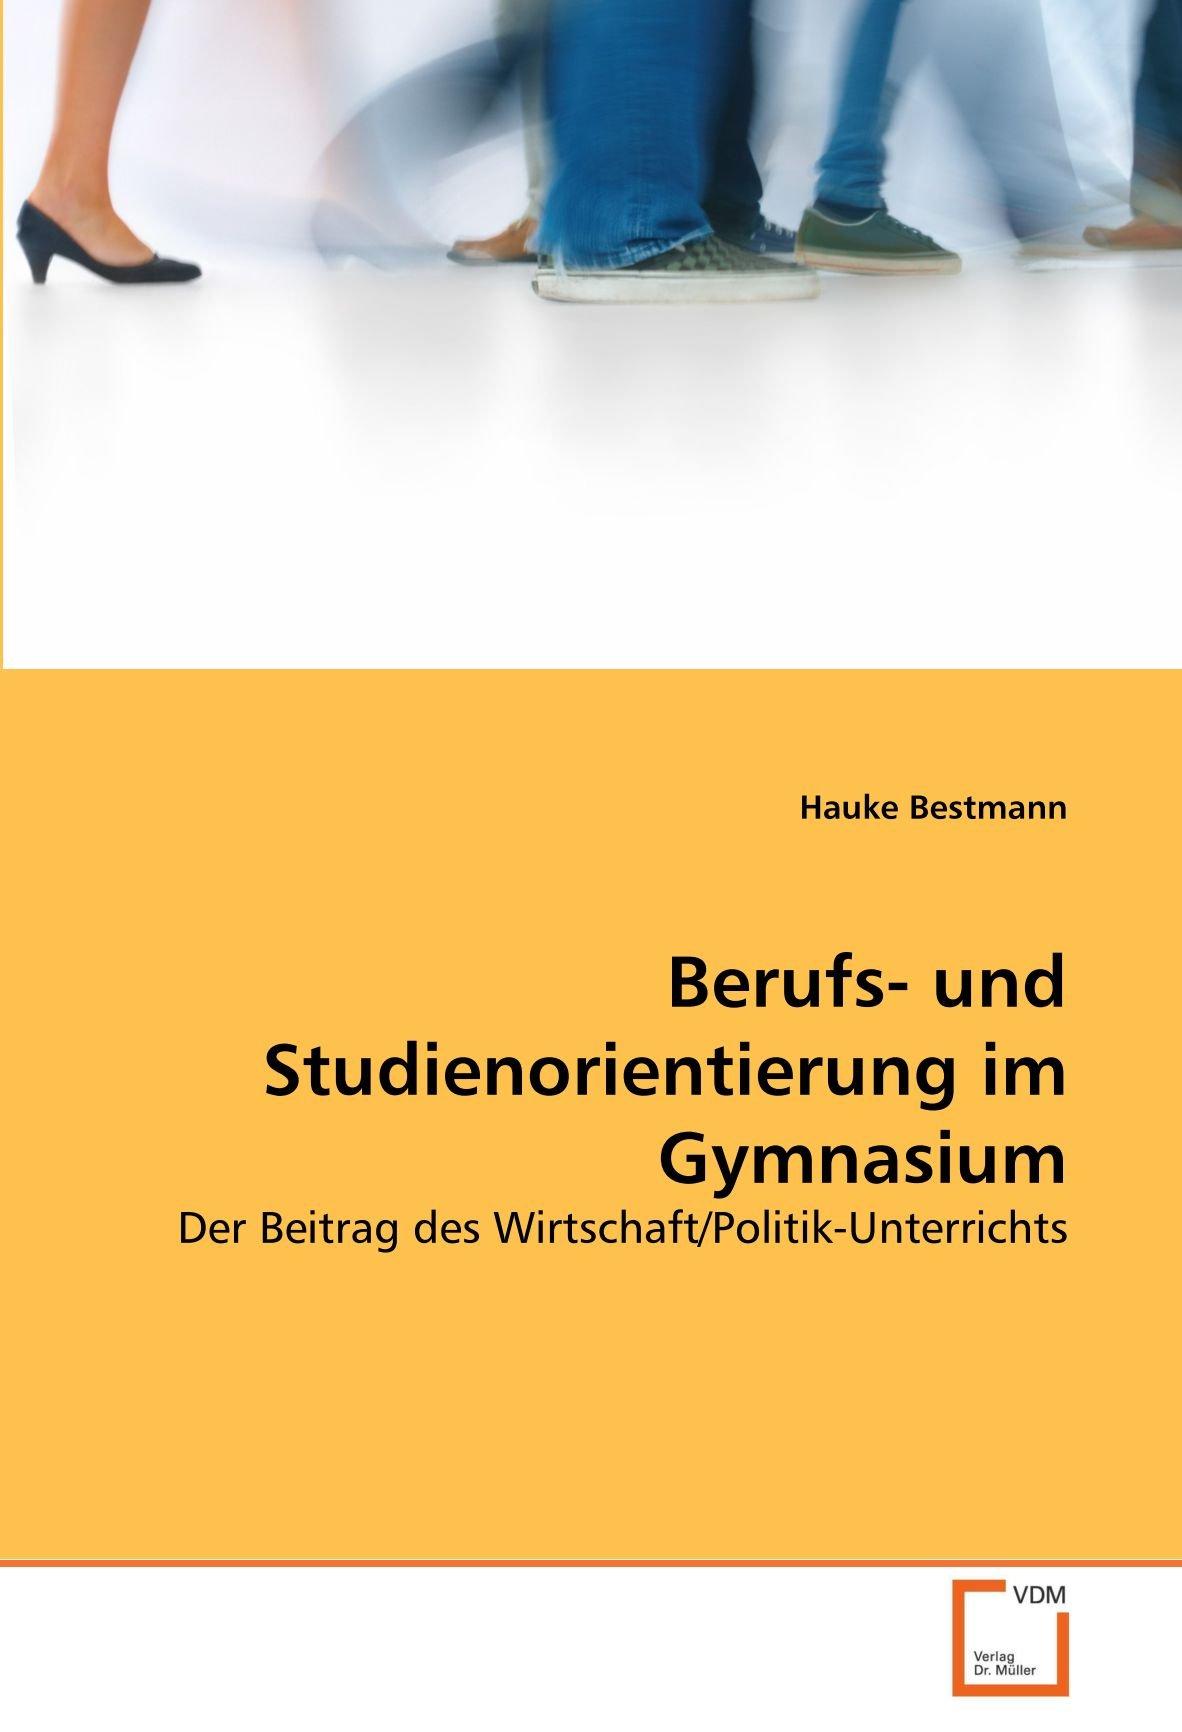 Berufs- und Studienorientierung im Gymnasium: Der Beitrag des Wirtschaft/Politik-Unterrichts